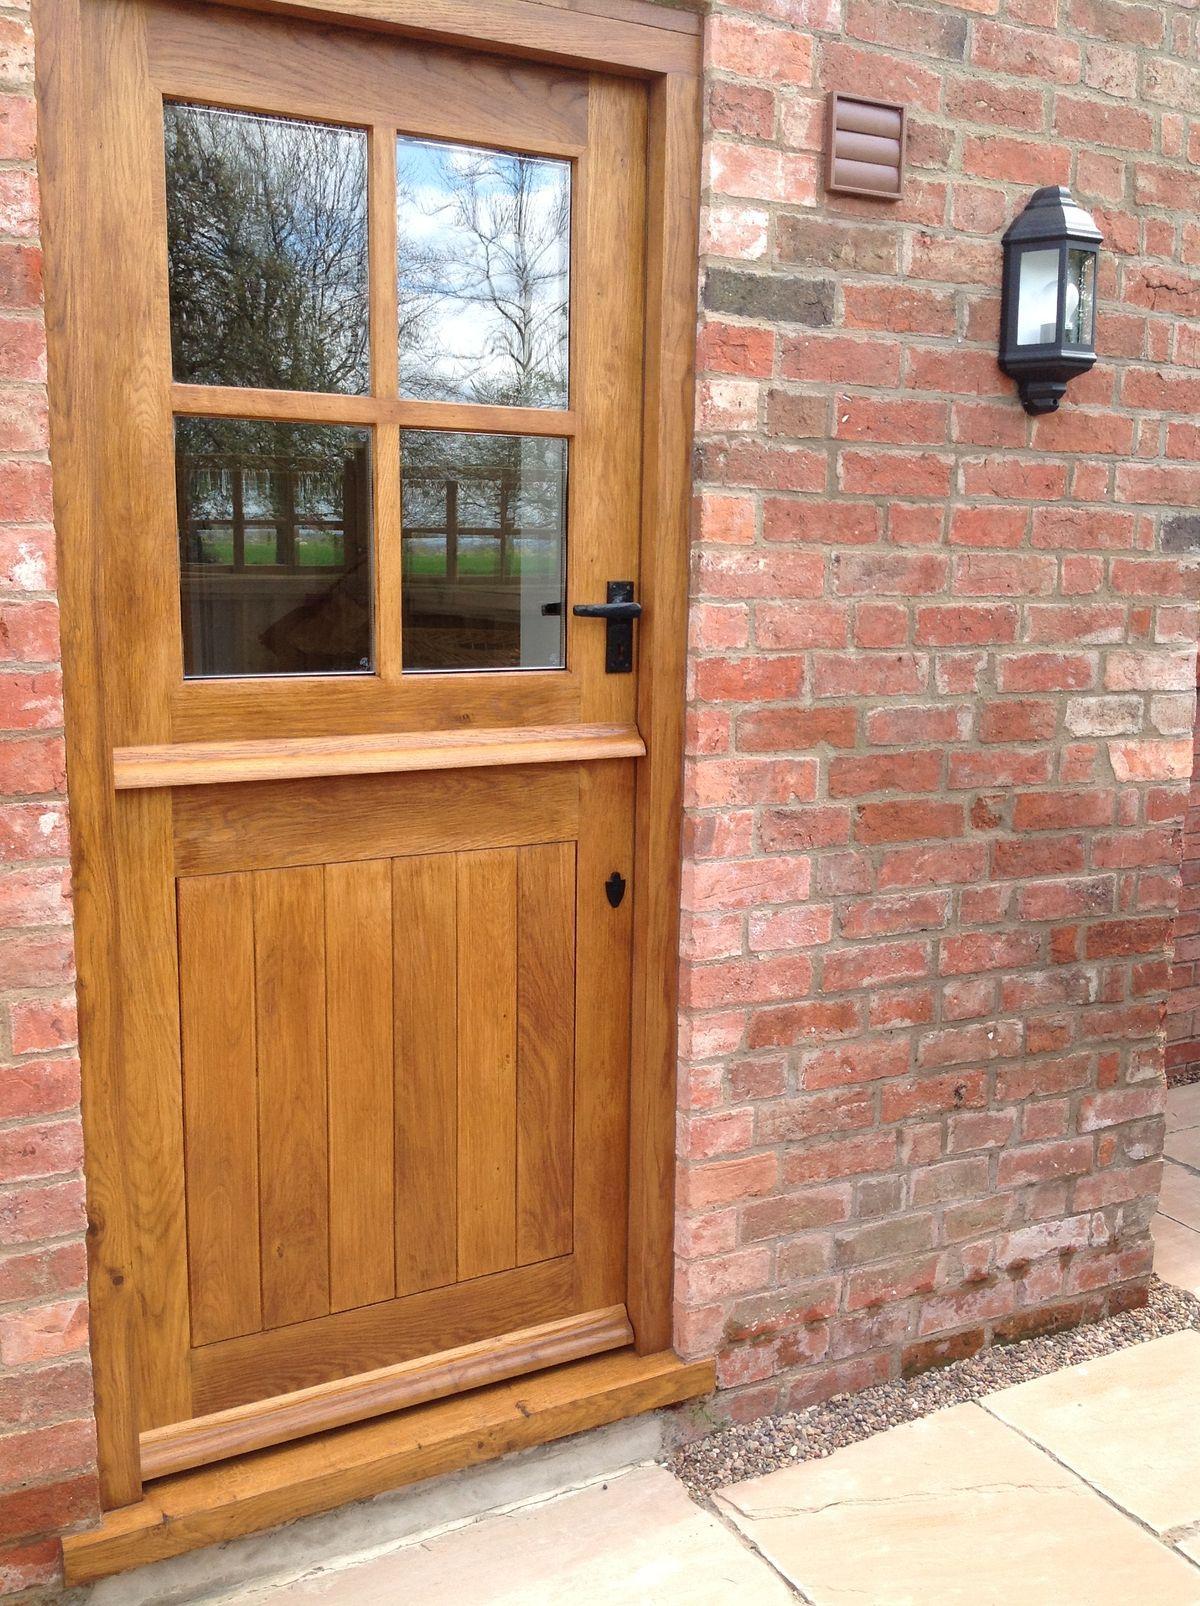 4768d15cb4e1eefa297f34e5ce8693d8 Jpg 1 200 1 606 Pixels Cottage Front Doors Front Doors Uk Front Door